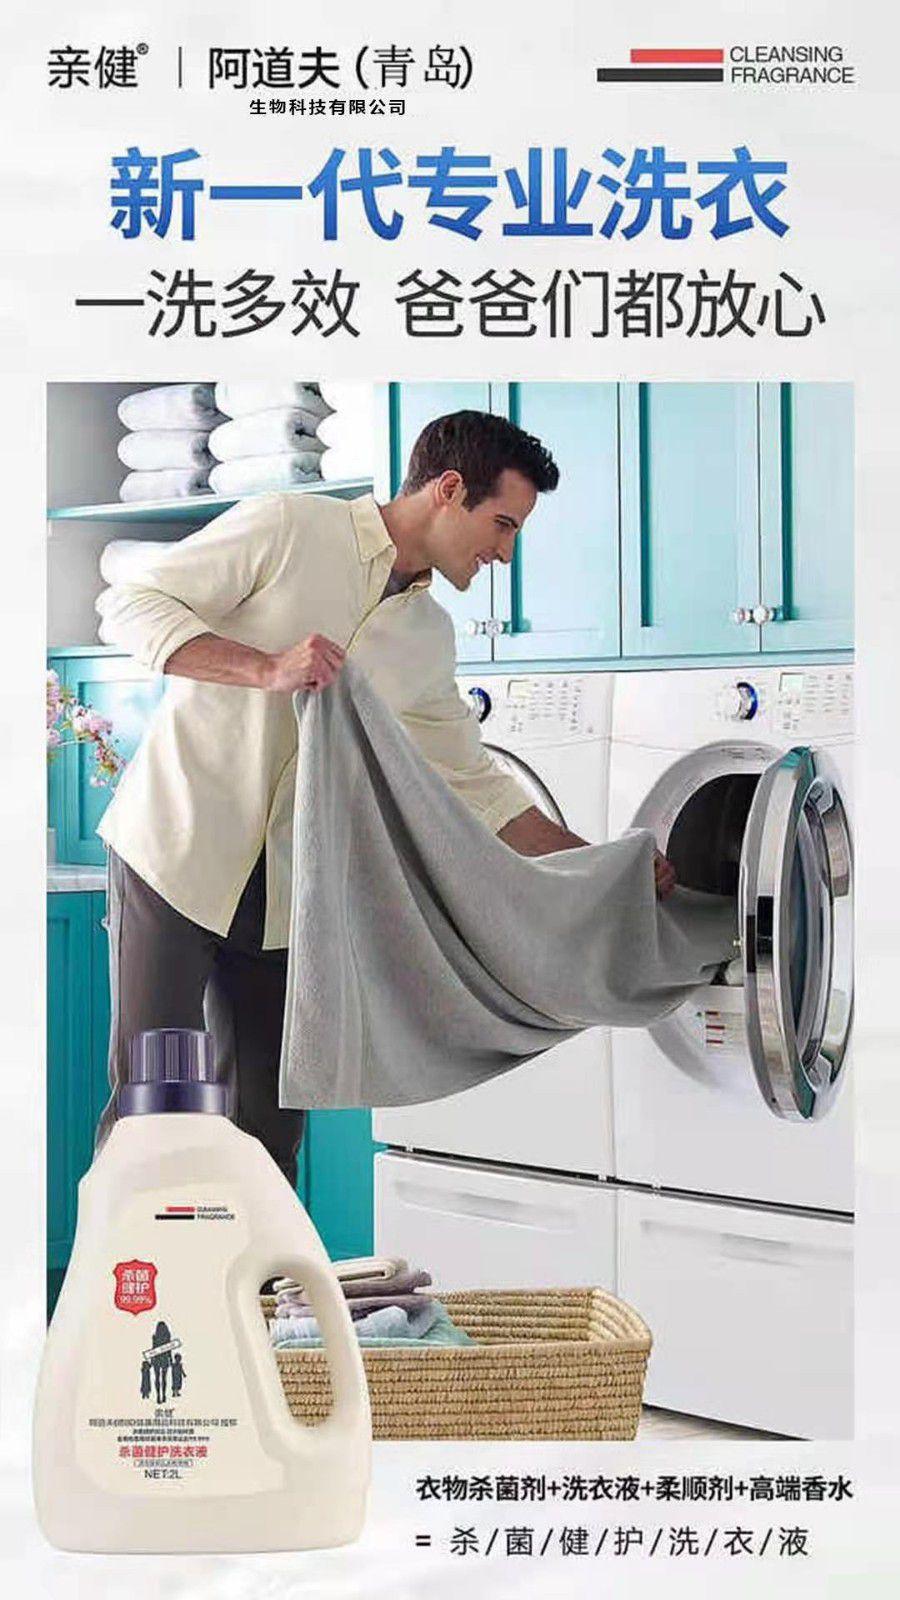 随州好级洗衣液品质改善